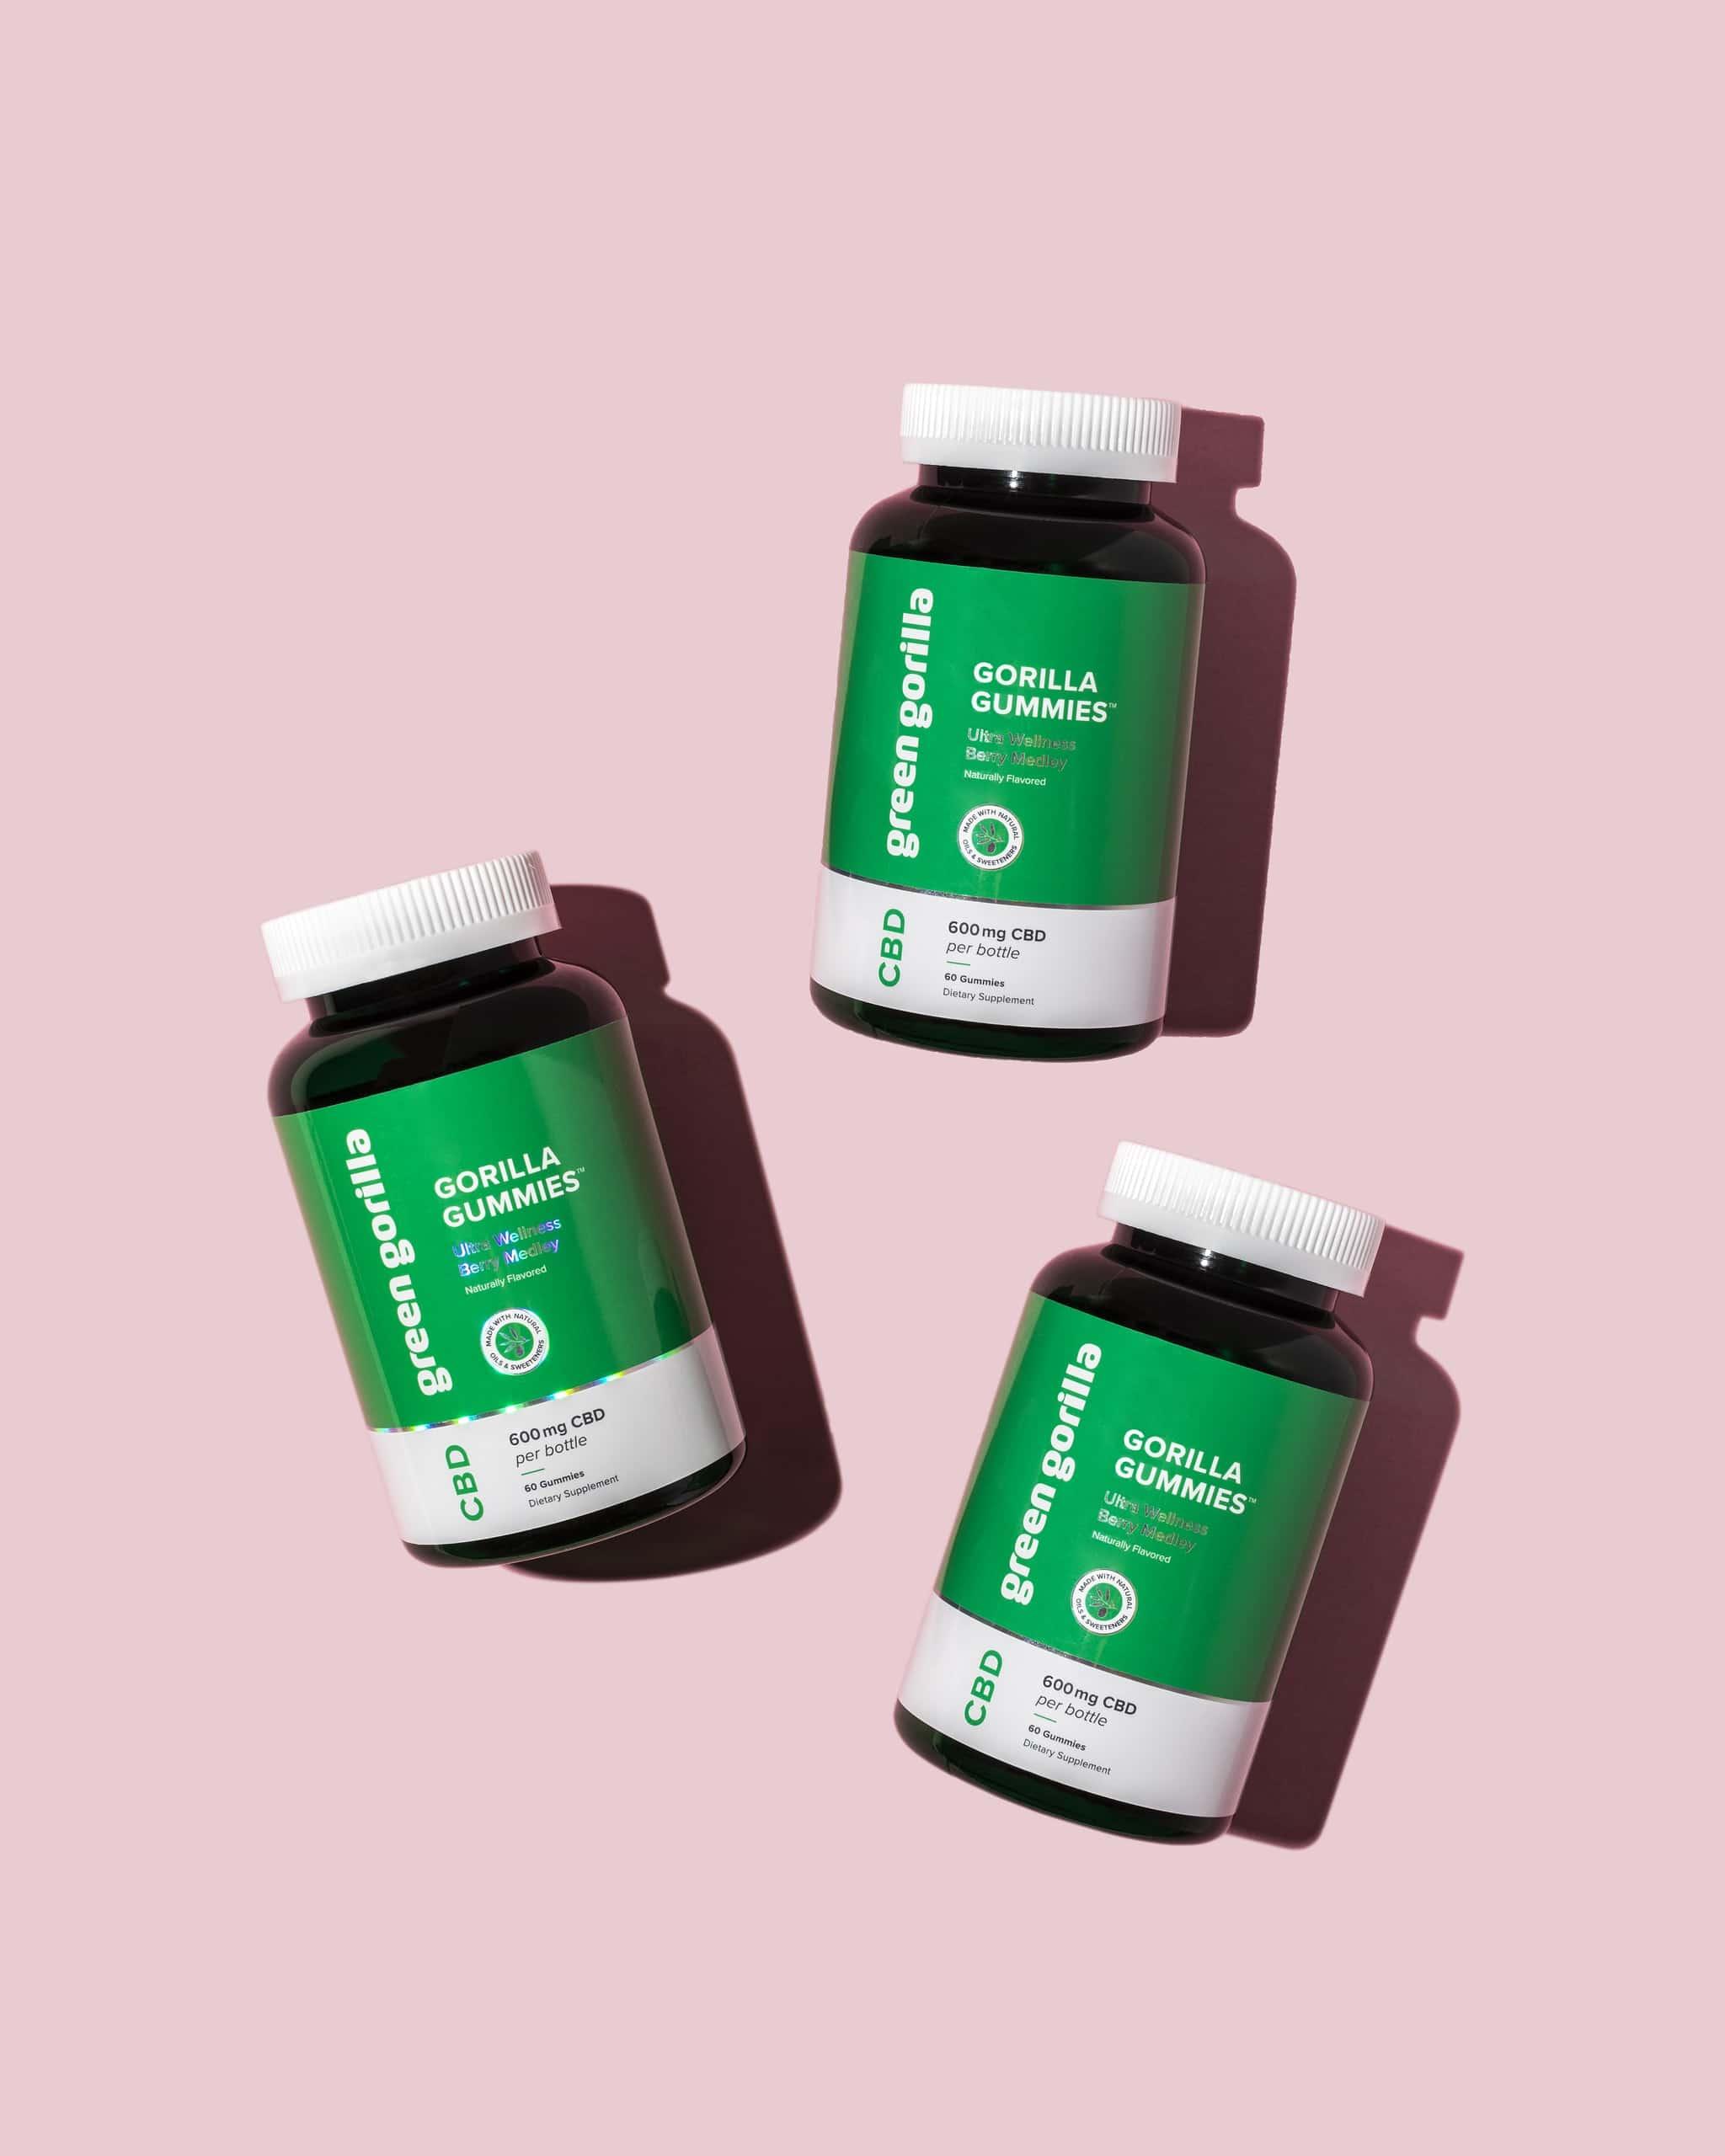 three bottles of Green Gorilla™ hemp CBD gummies on pink background